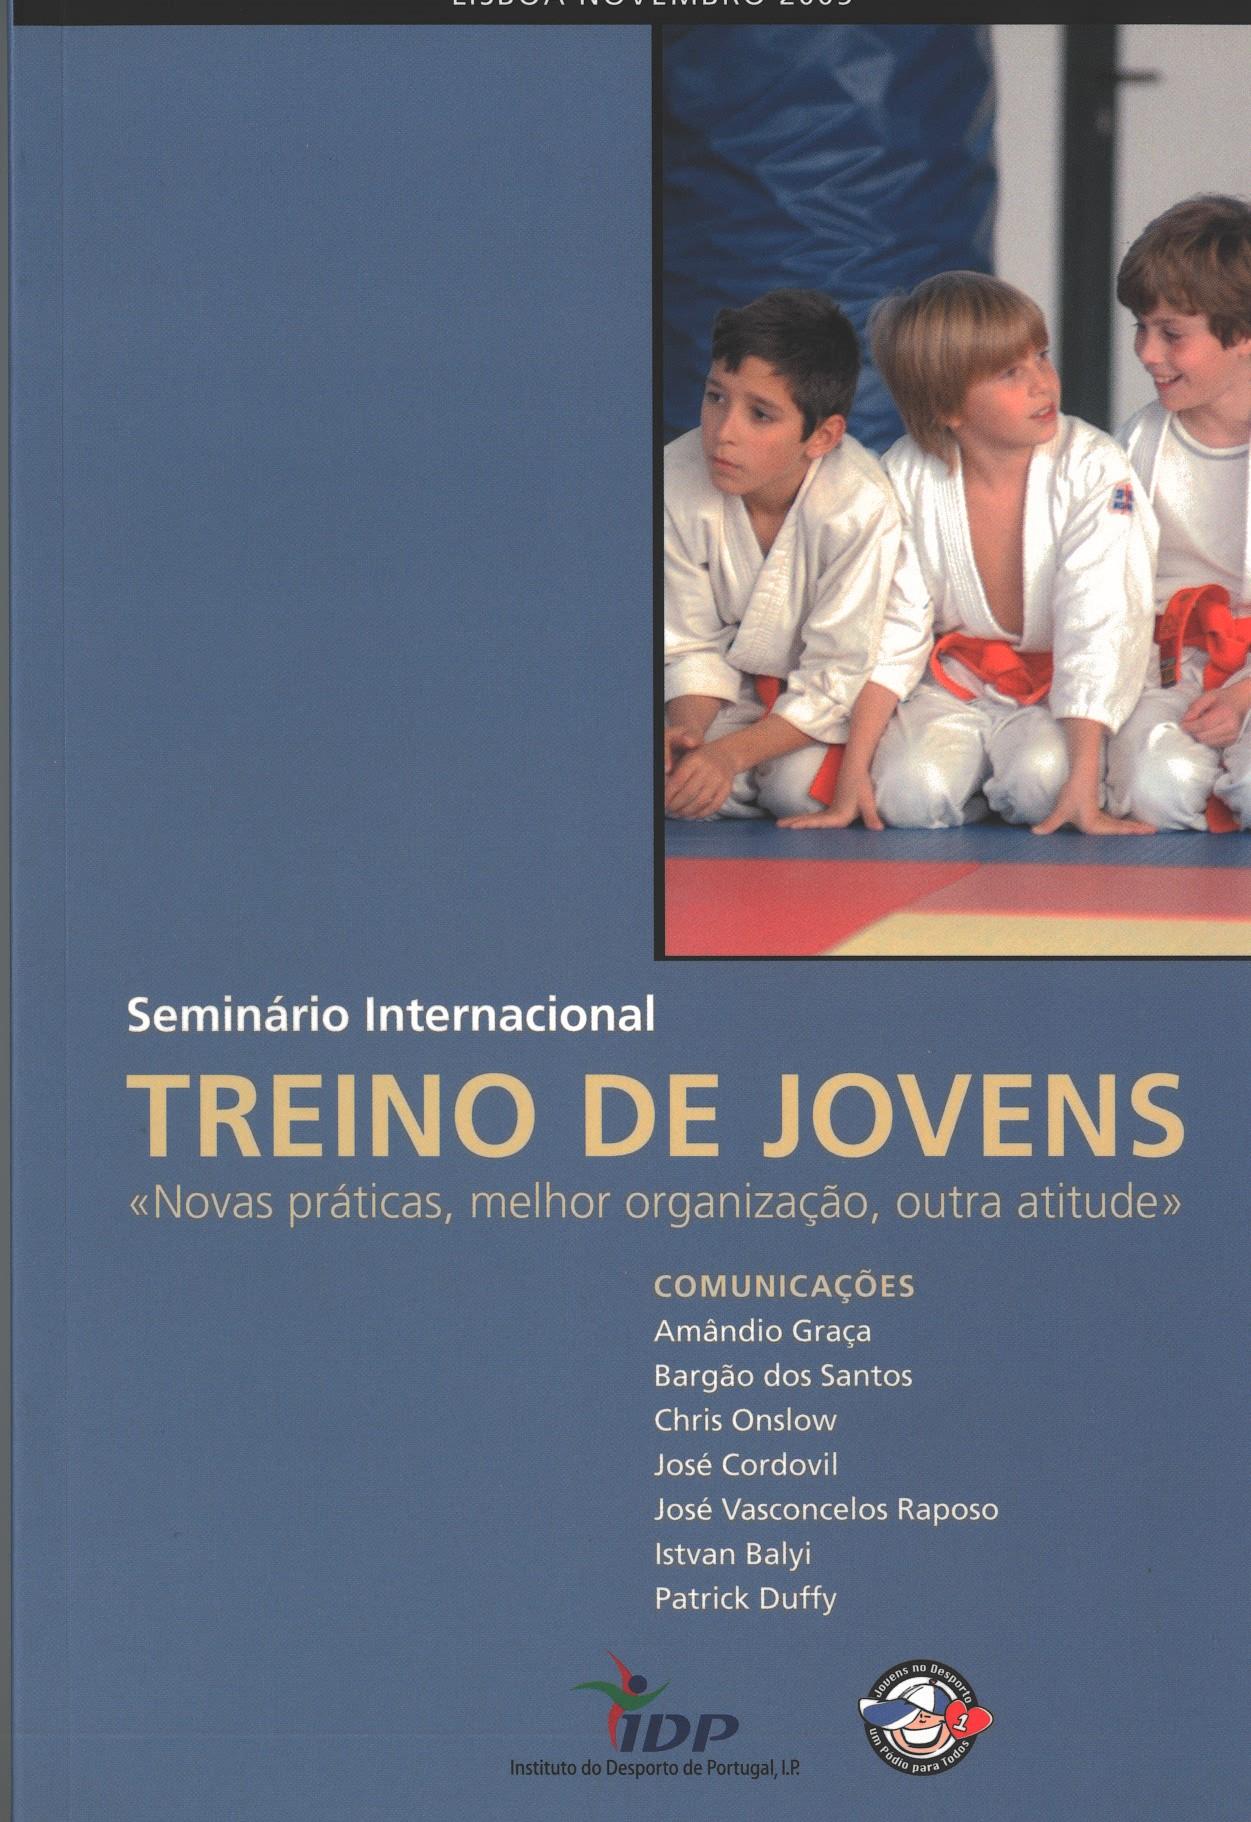 Seminário Internacional - Treino de jovens «Novas práticas, melhor organização, outra atitude» (Lisboa, Novembro, 2005)